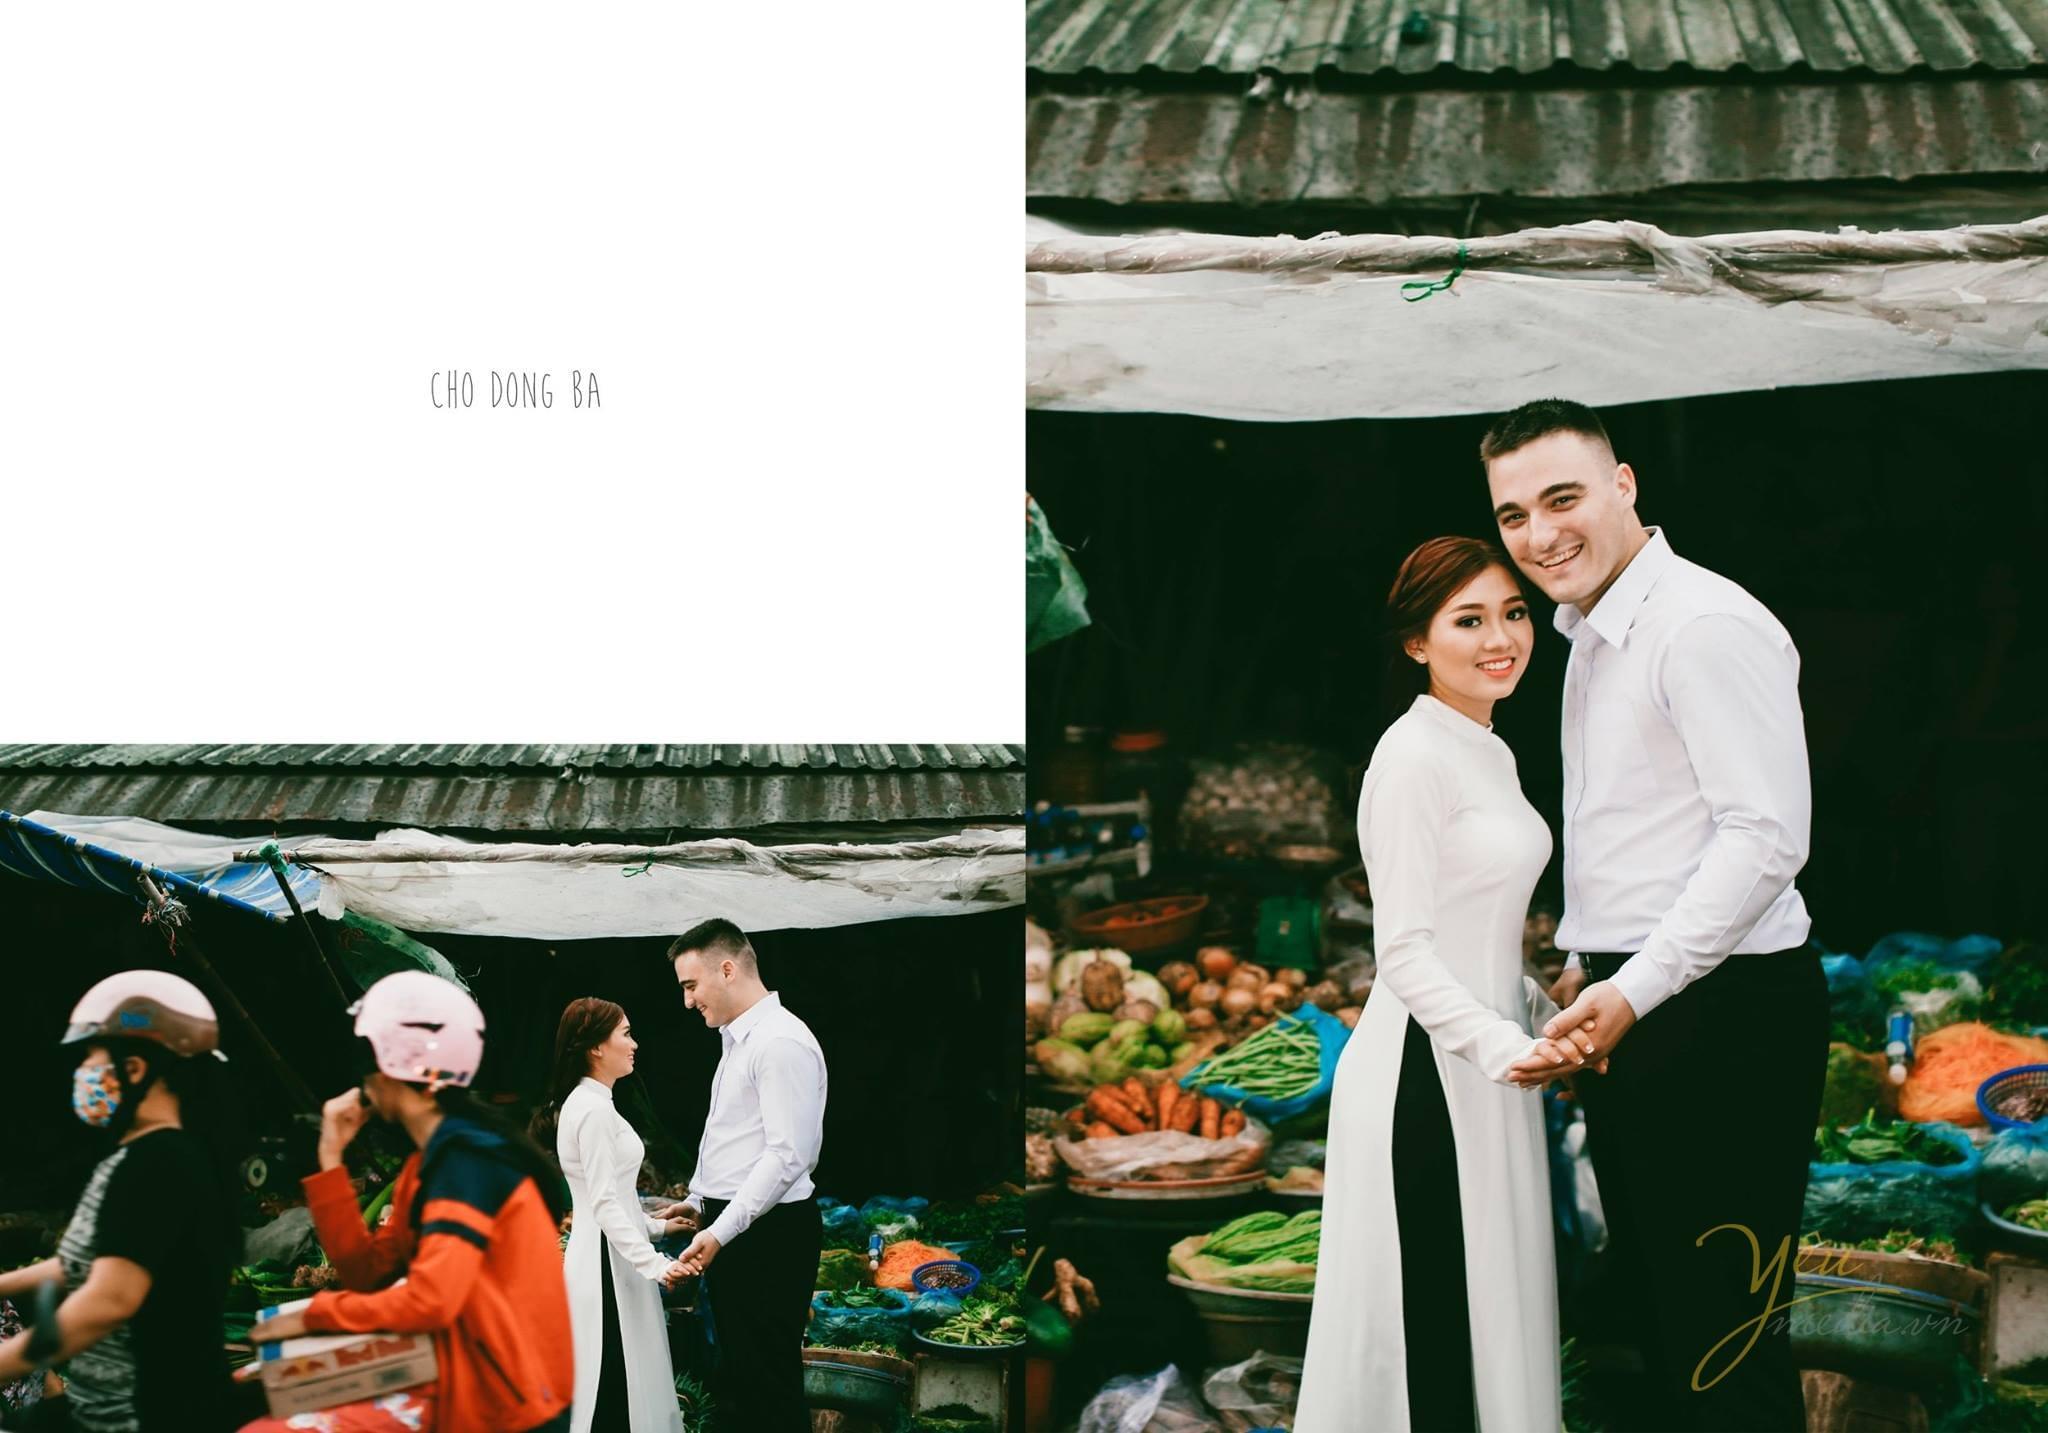 ảnh cưới áo dài sơ mi trắng chụp tại chợ đông ba huế